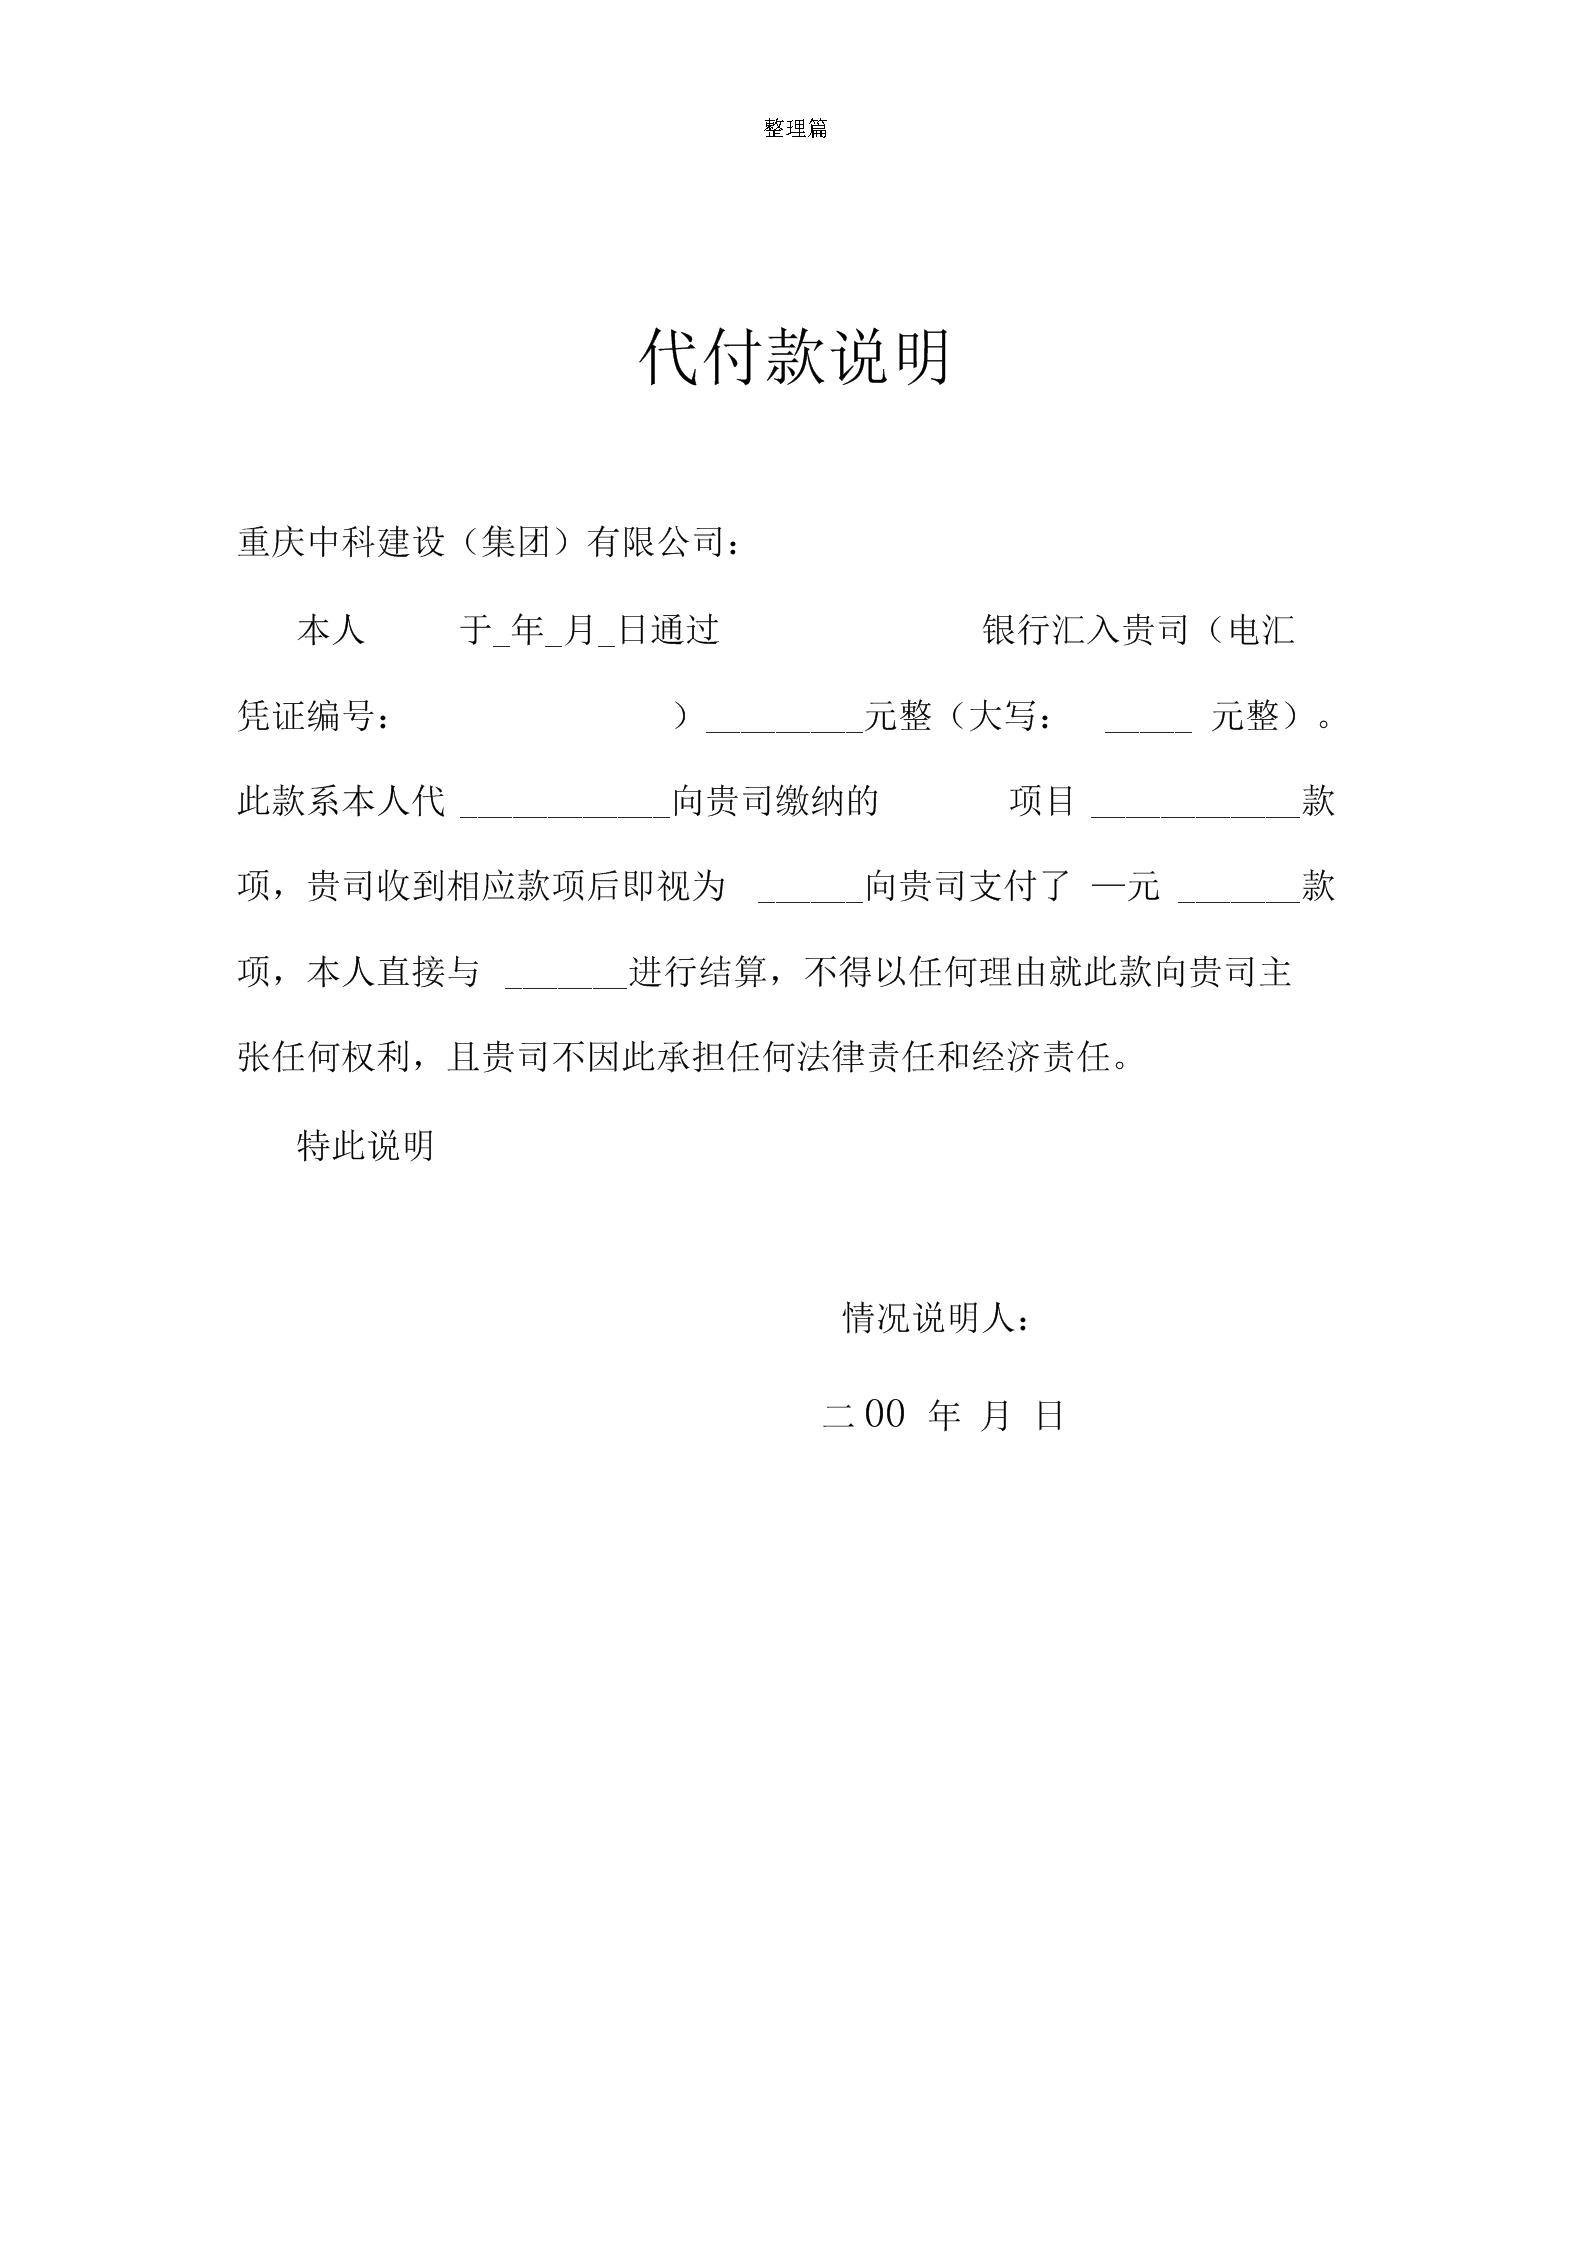 代付款说明(个人).docx